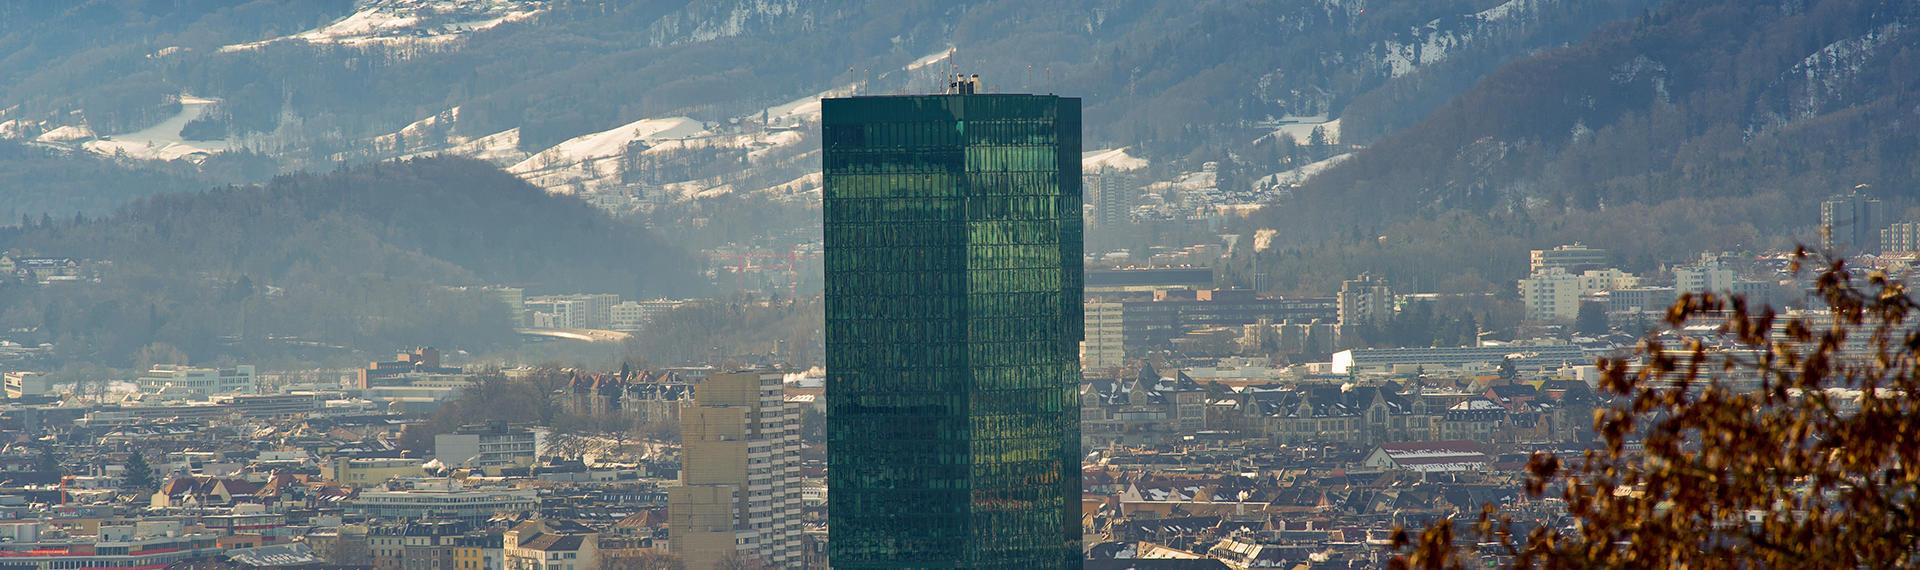 L'immobilier suisse, une hausse sans fin ?